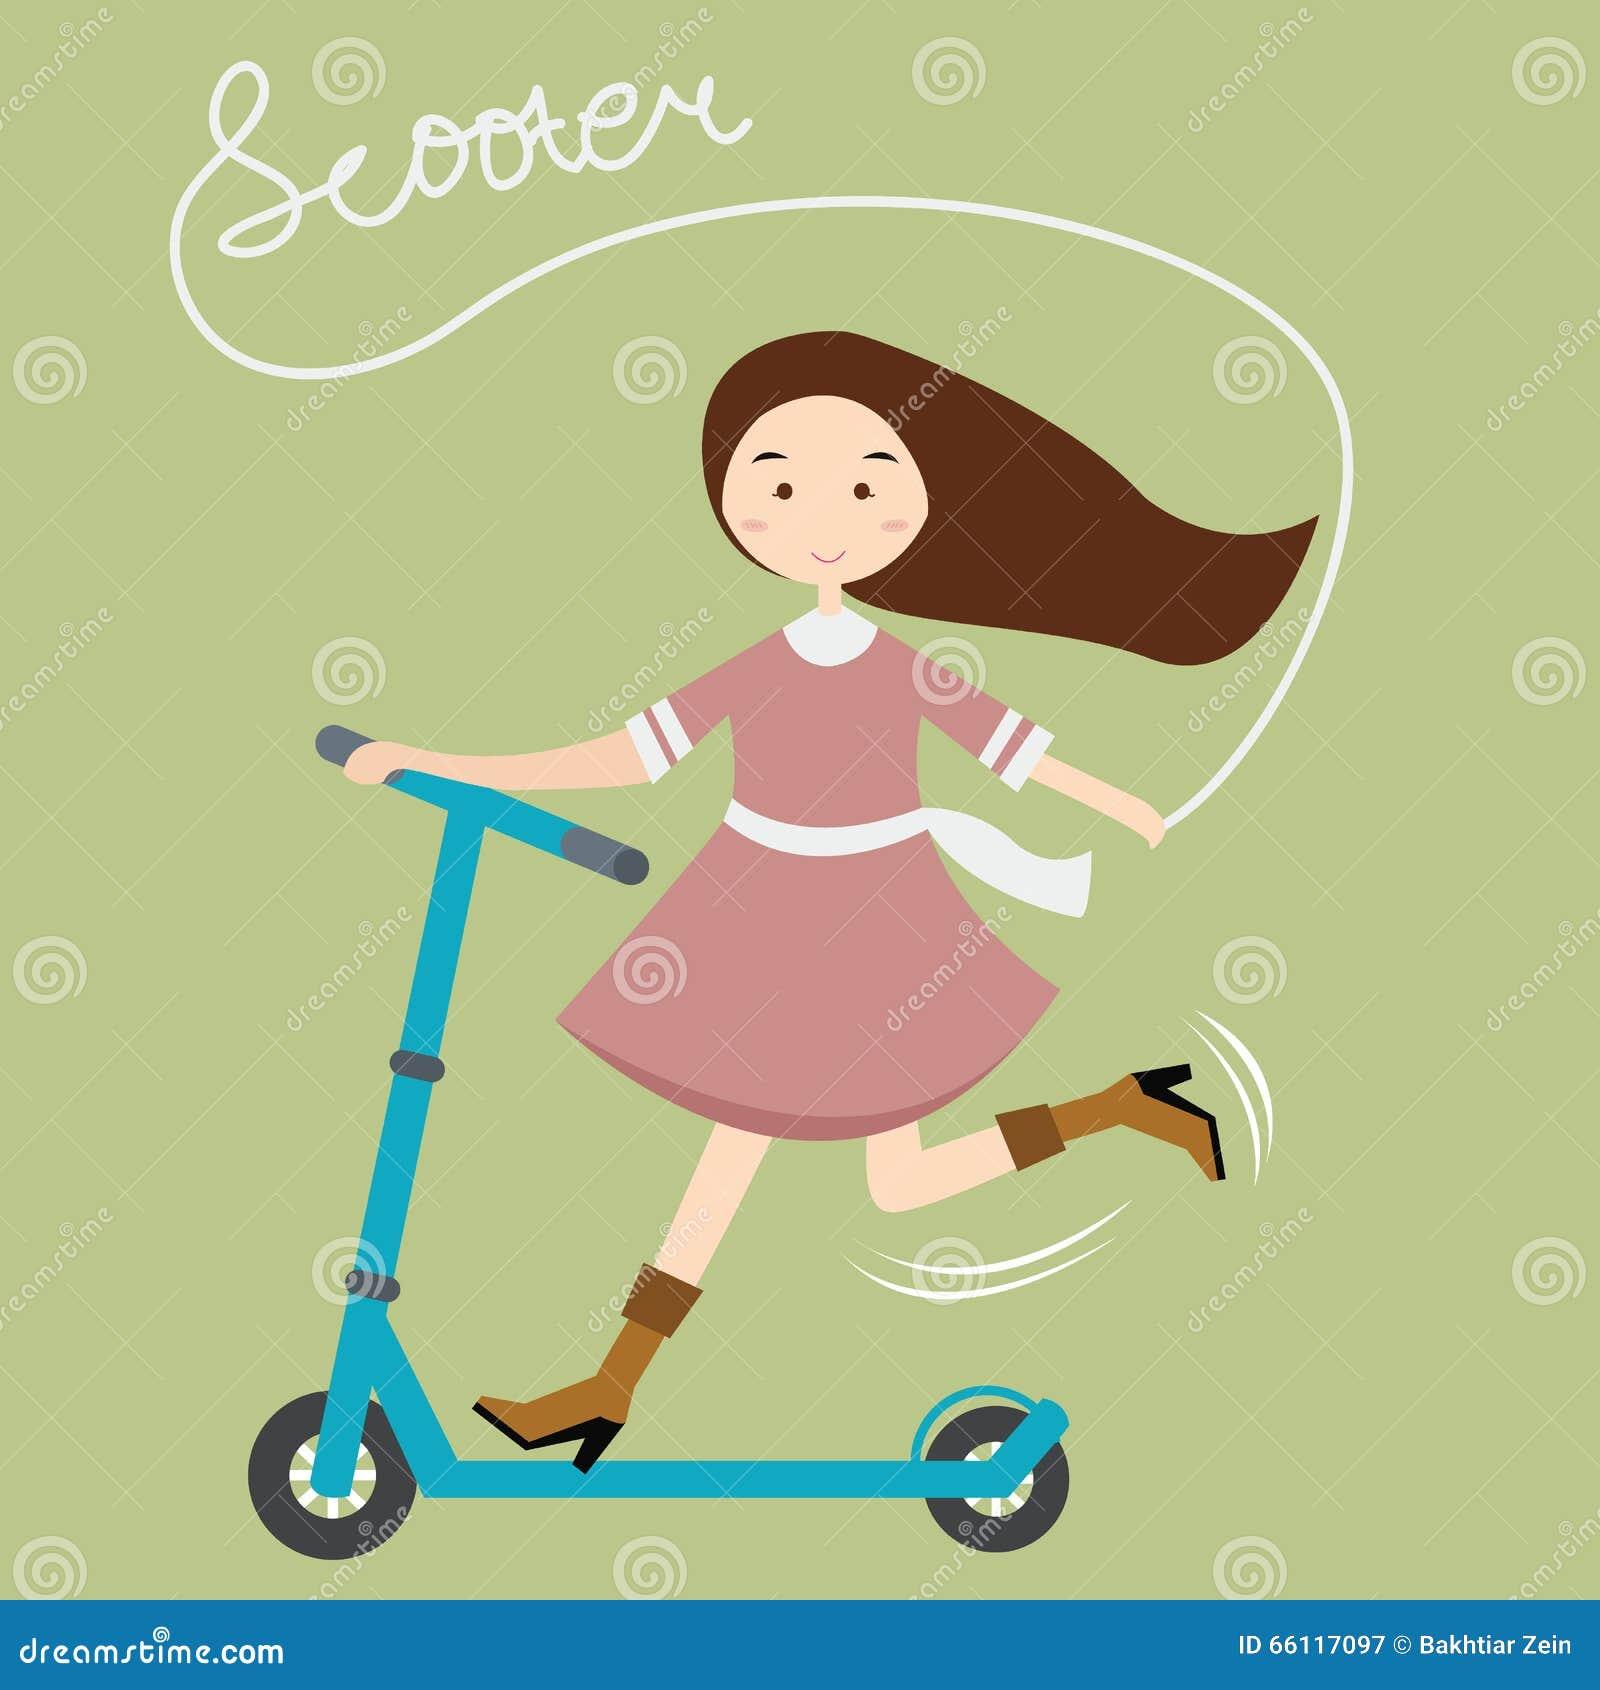 Las muchachas embroman femenino teniendo hermoso activo del niño feliz de la vespa del montar a caballo de la diversión